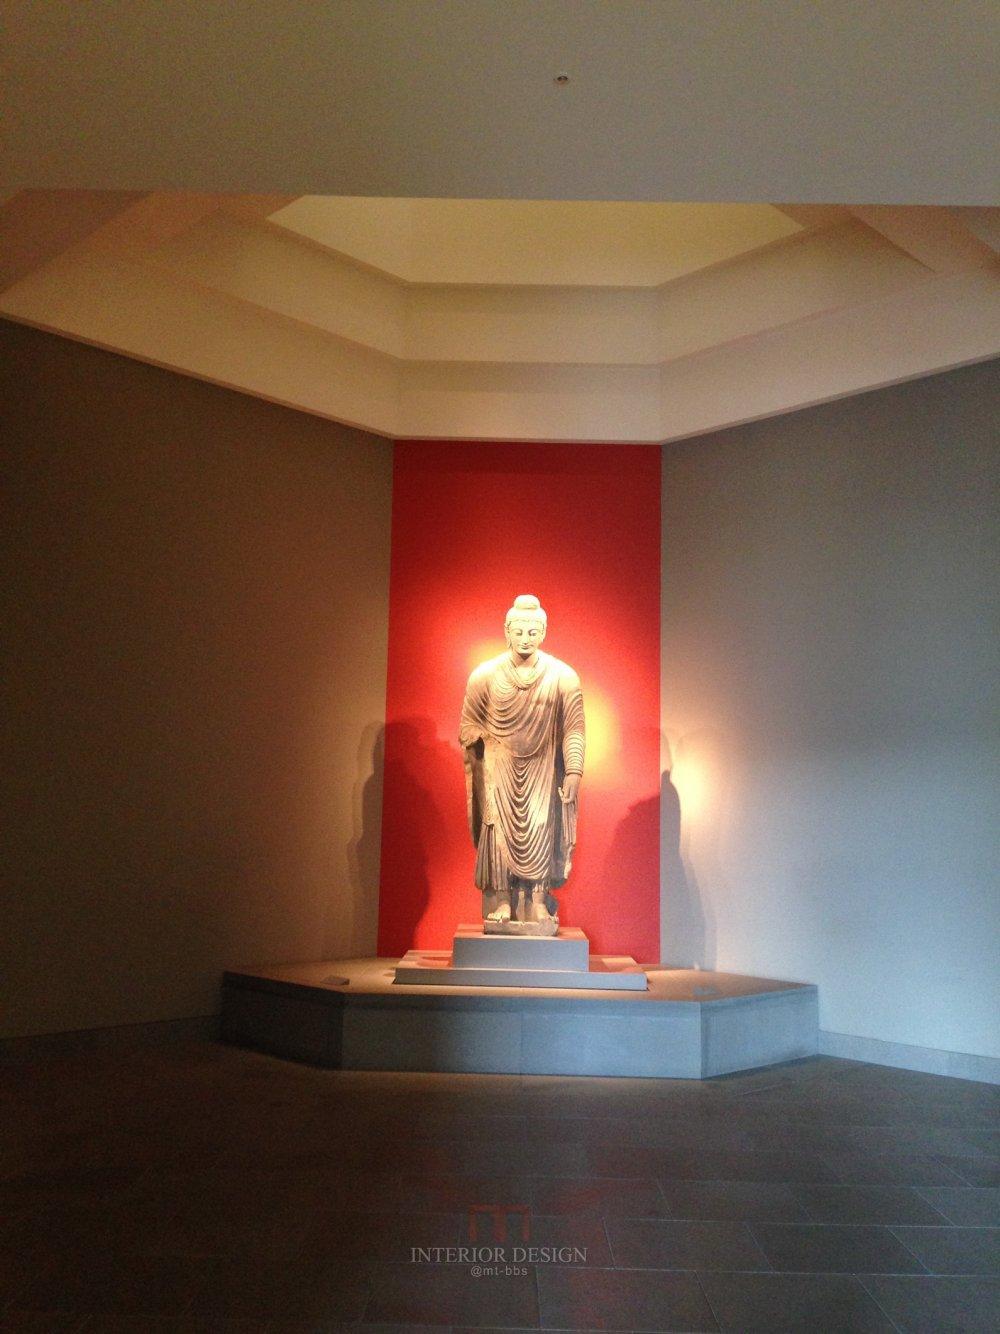 日本美秀美术馆MIHO MUSEUM自拍分享-贝聿铭_IMG_7274.JPG